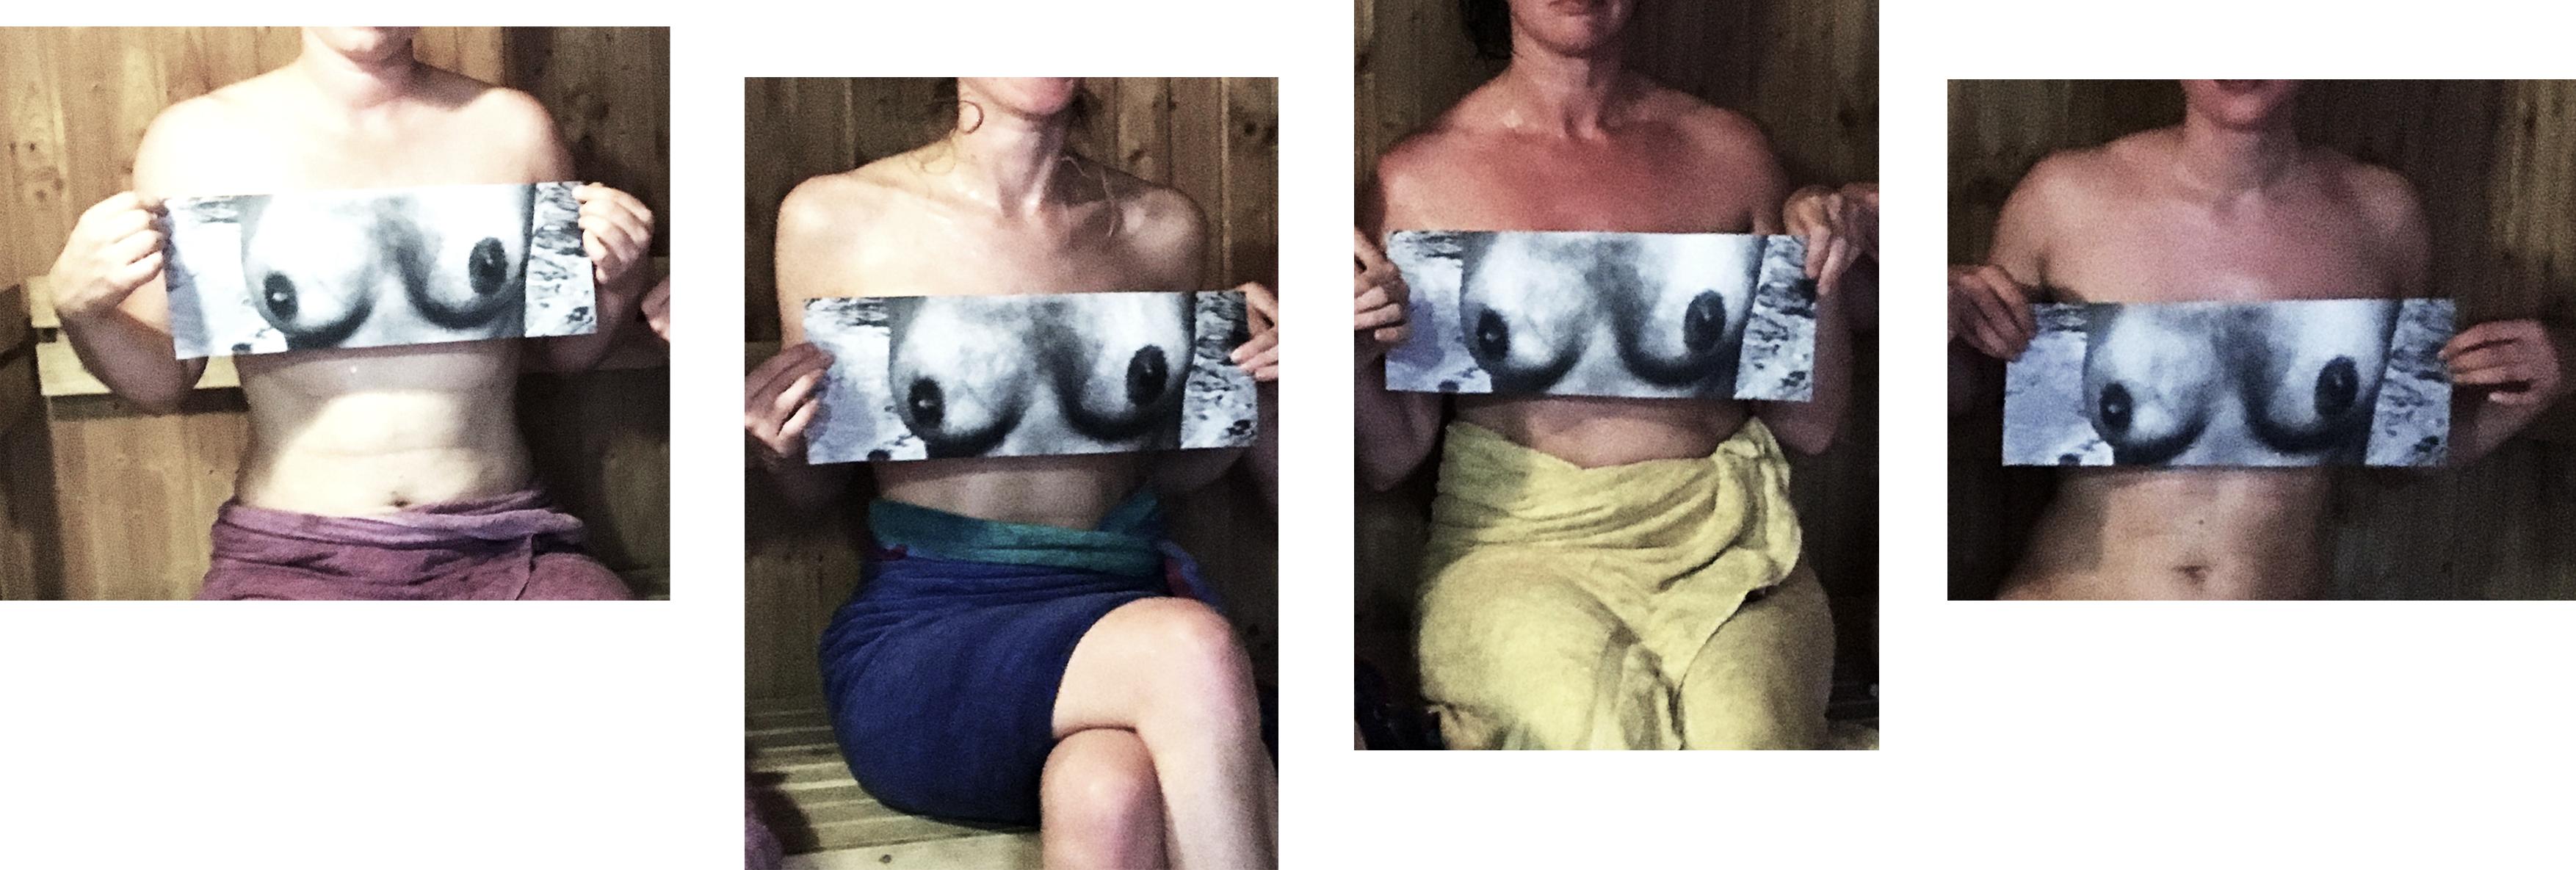 dagtid borttagningsmedel naken i Malmö